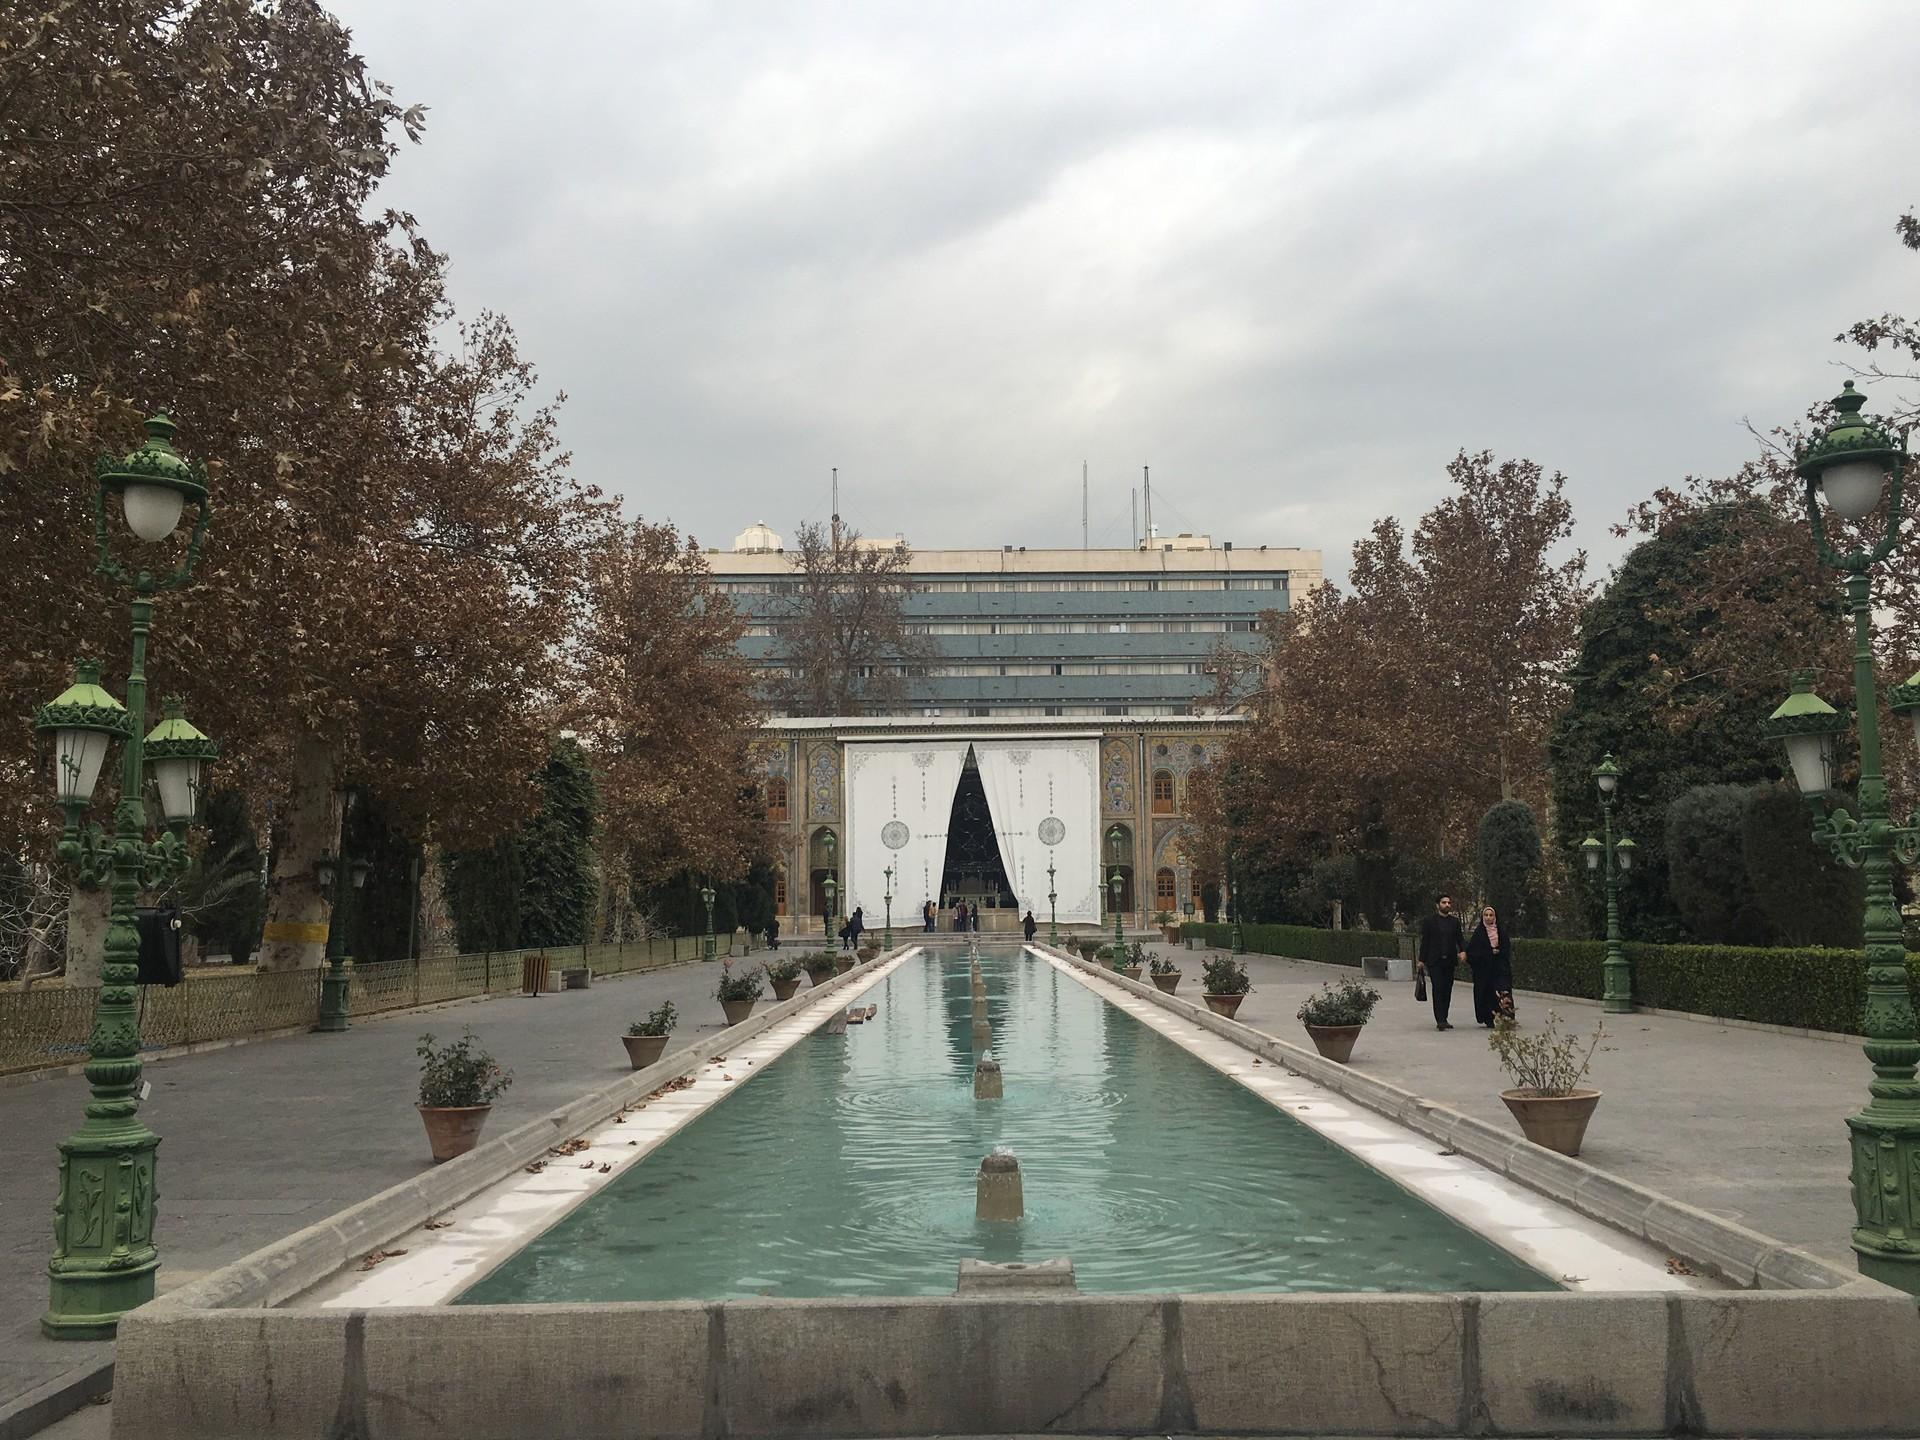 golestan-palace-complex-pt-1-bd2361ee9ab